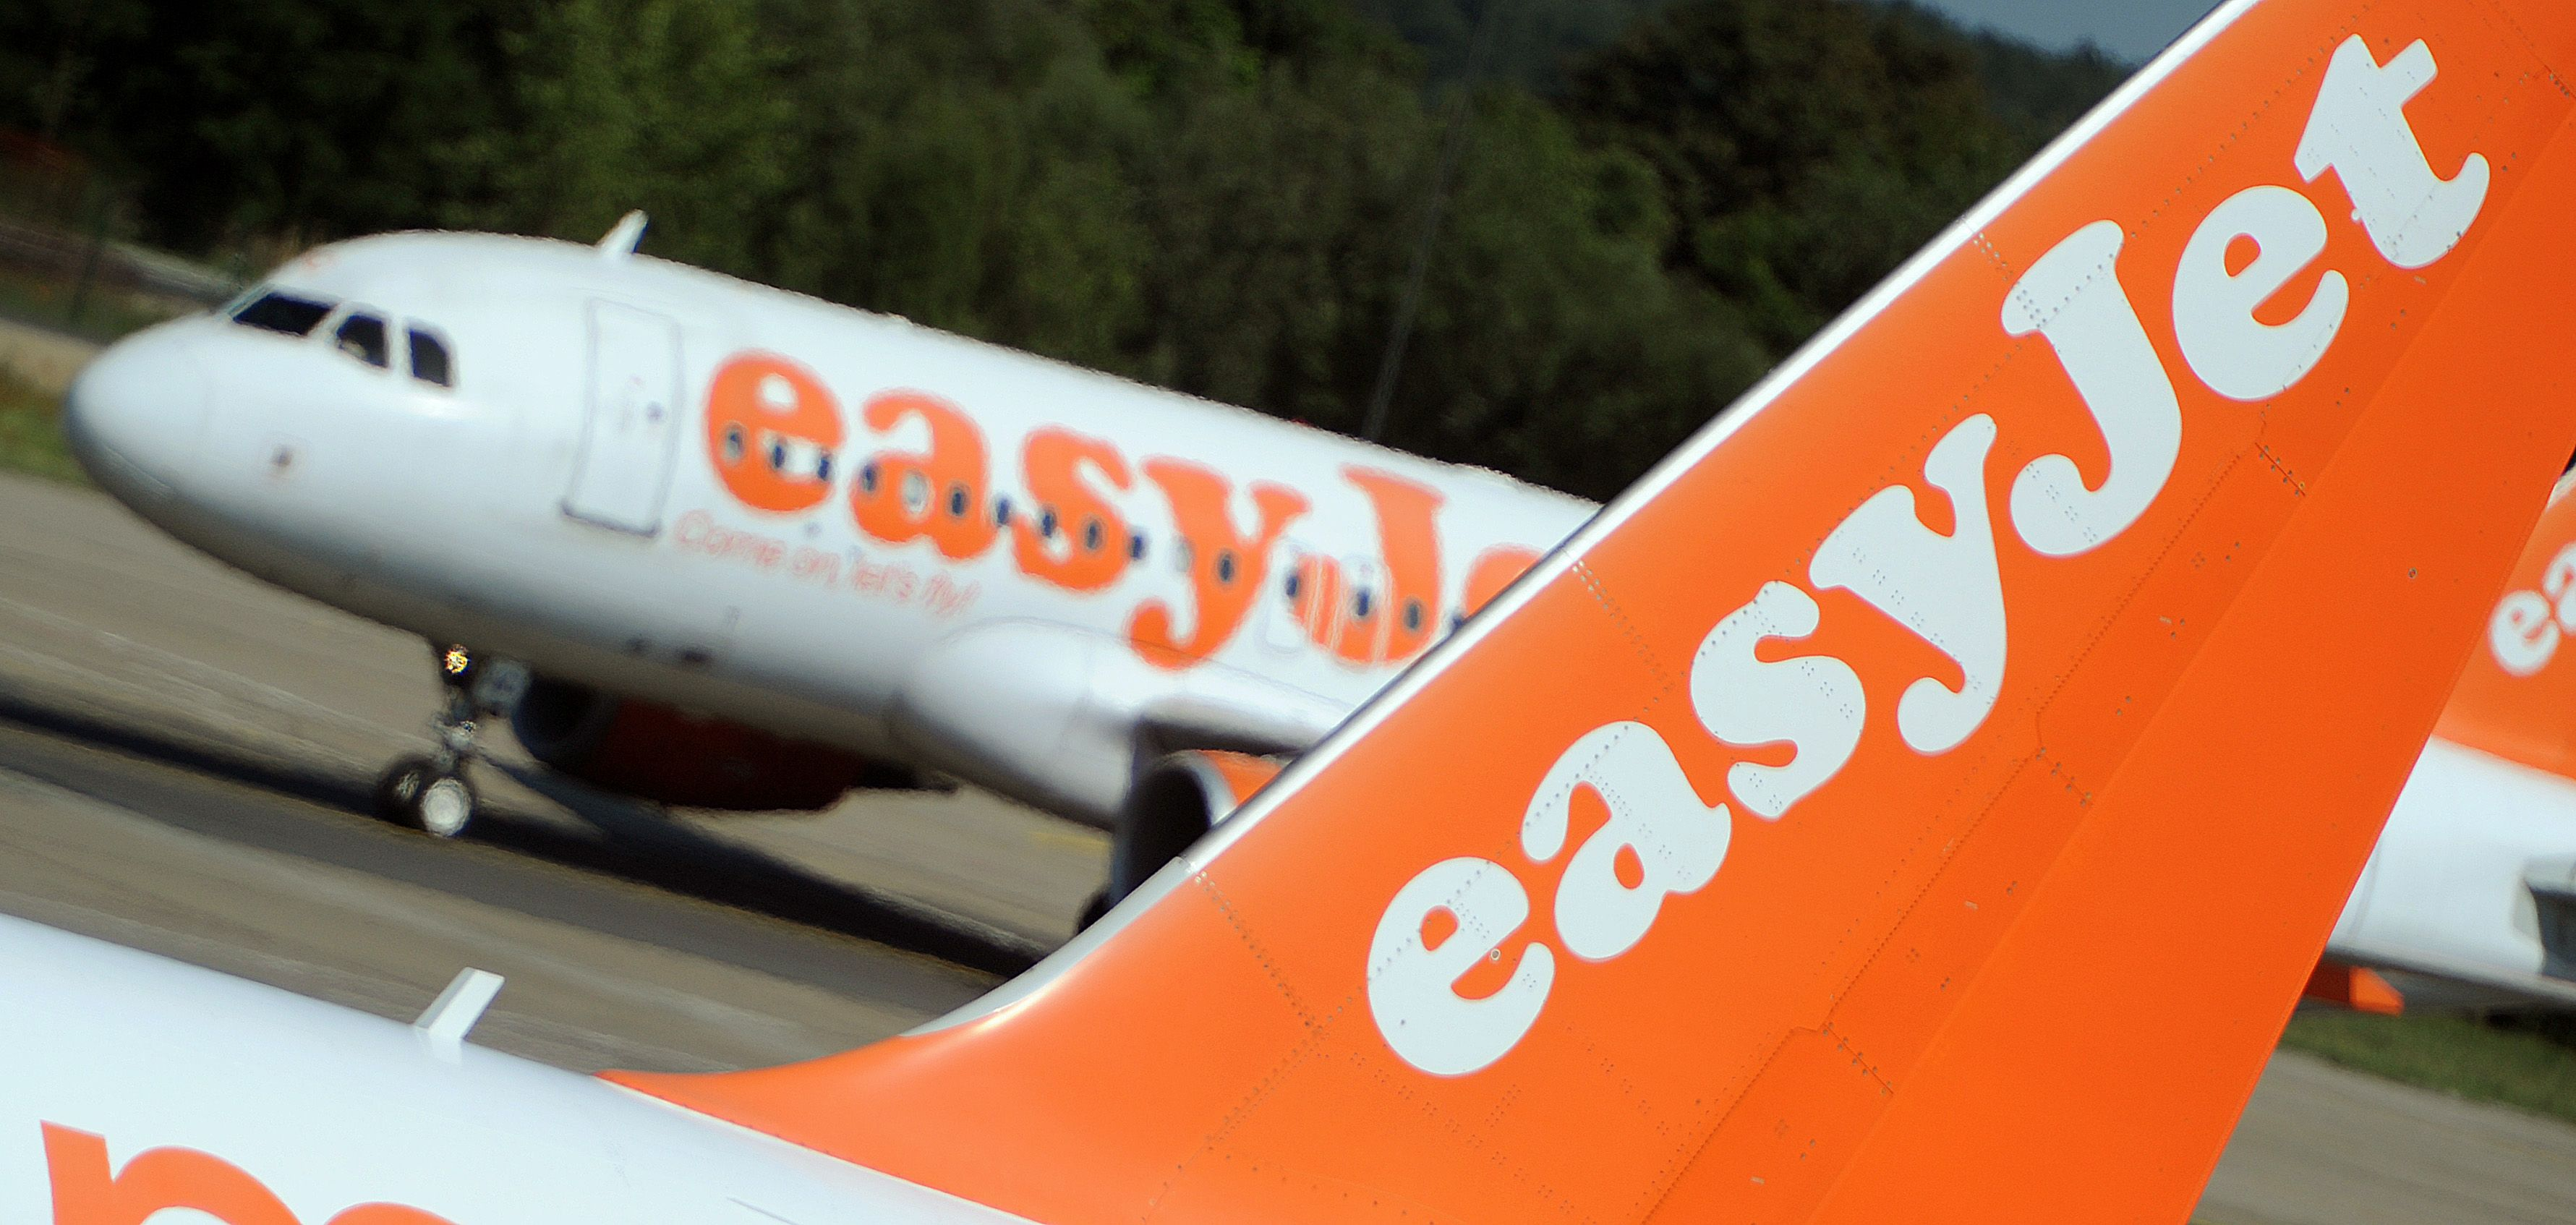 News-Tipp: EasyJet erzielt weniger Gewinn - http://ift.tt/2gevRh1 #nachrichten